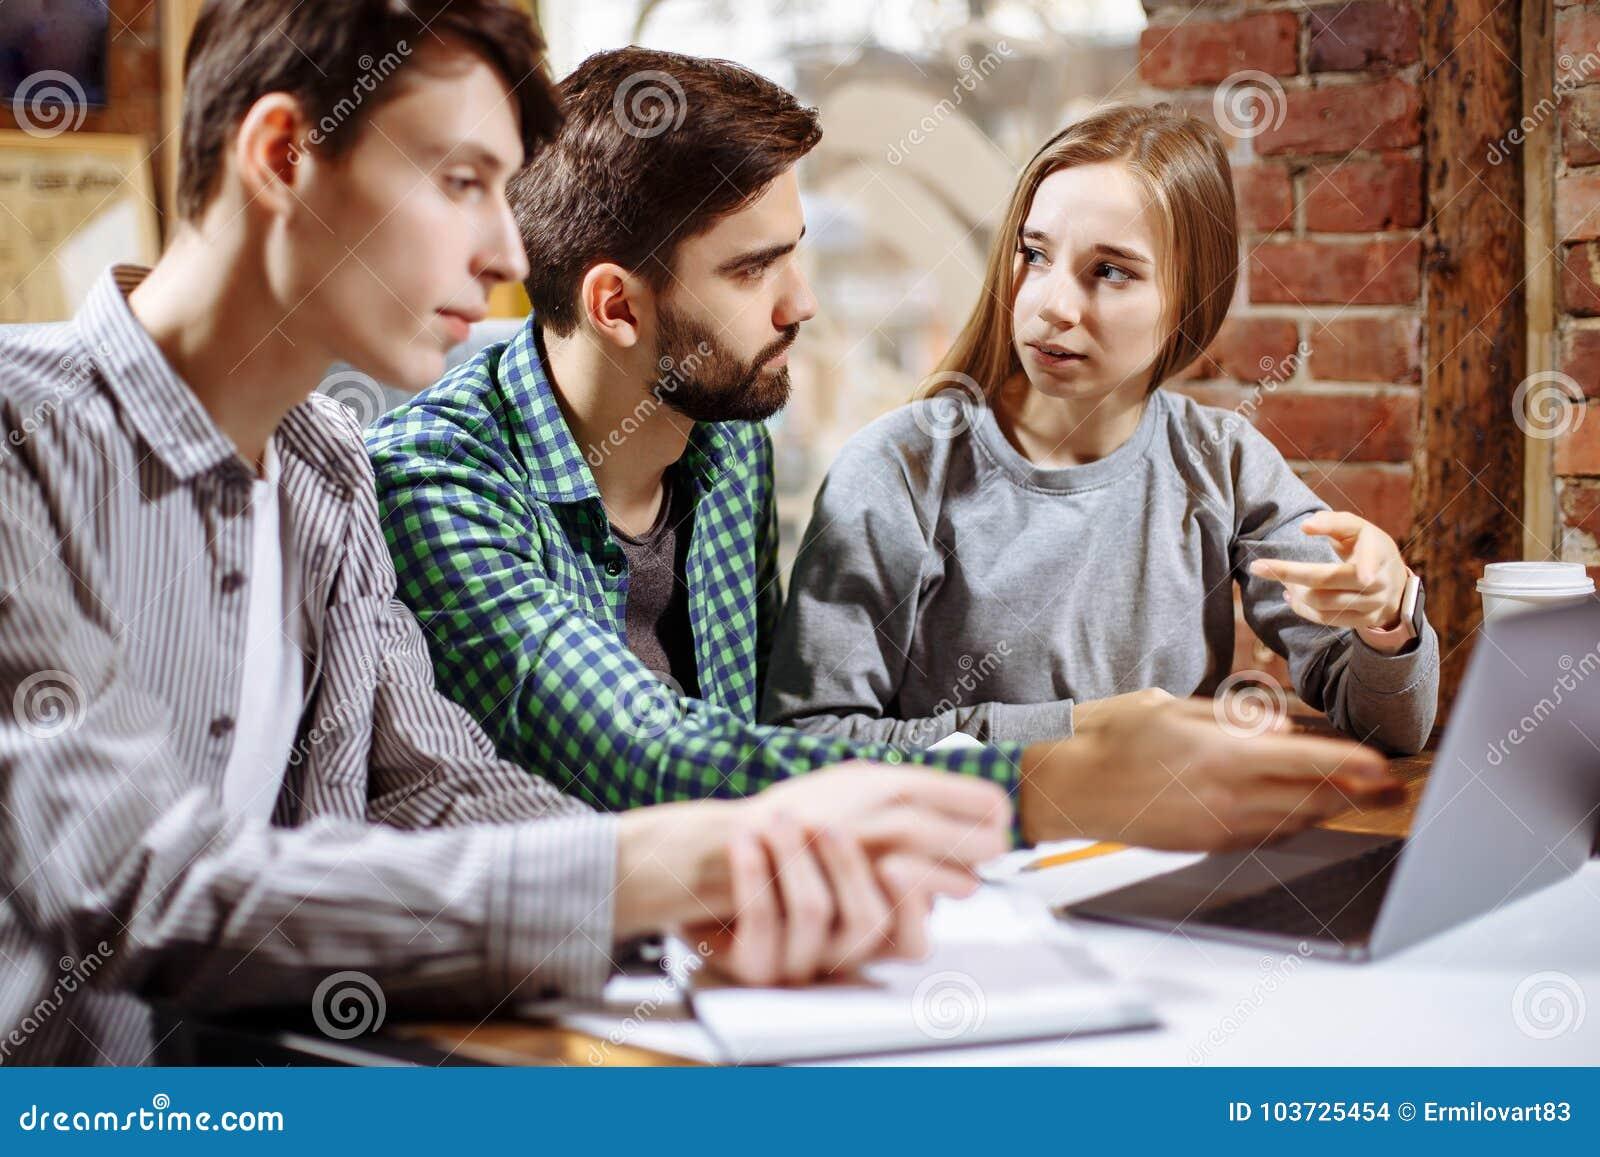 Groep toevallige bedrijfsmensen die aan nieuw project werken Zij die laptop met behulp van en bespreken over concept Het oplossen